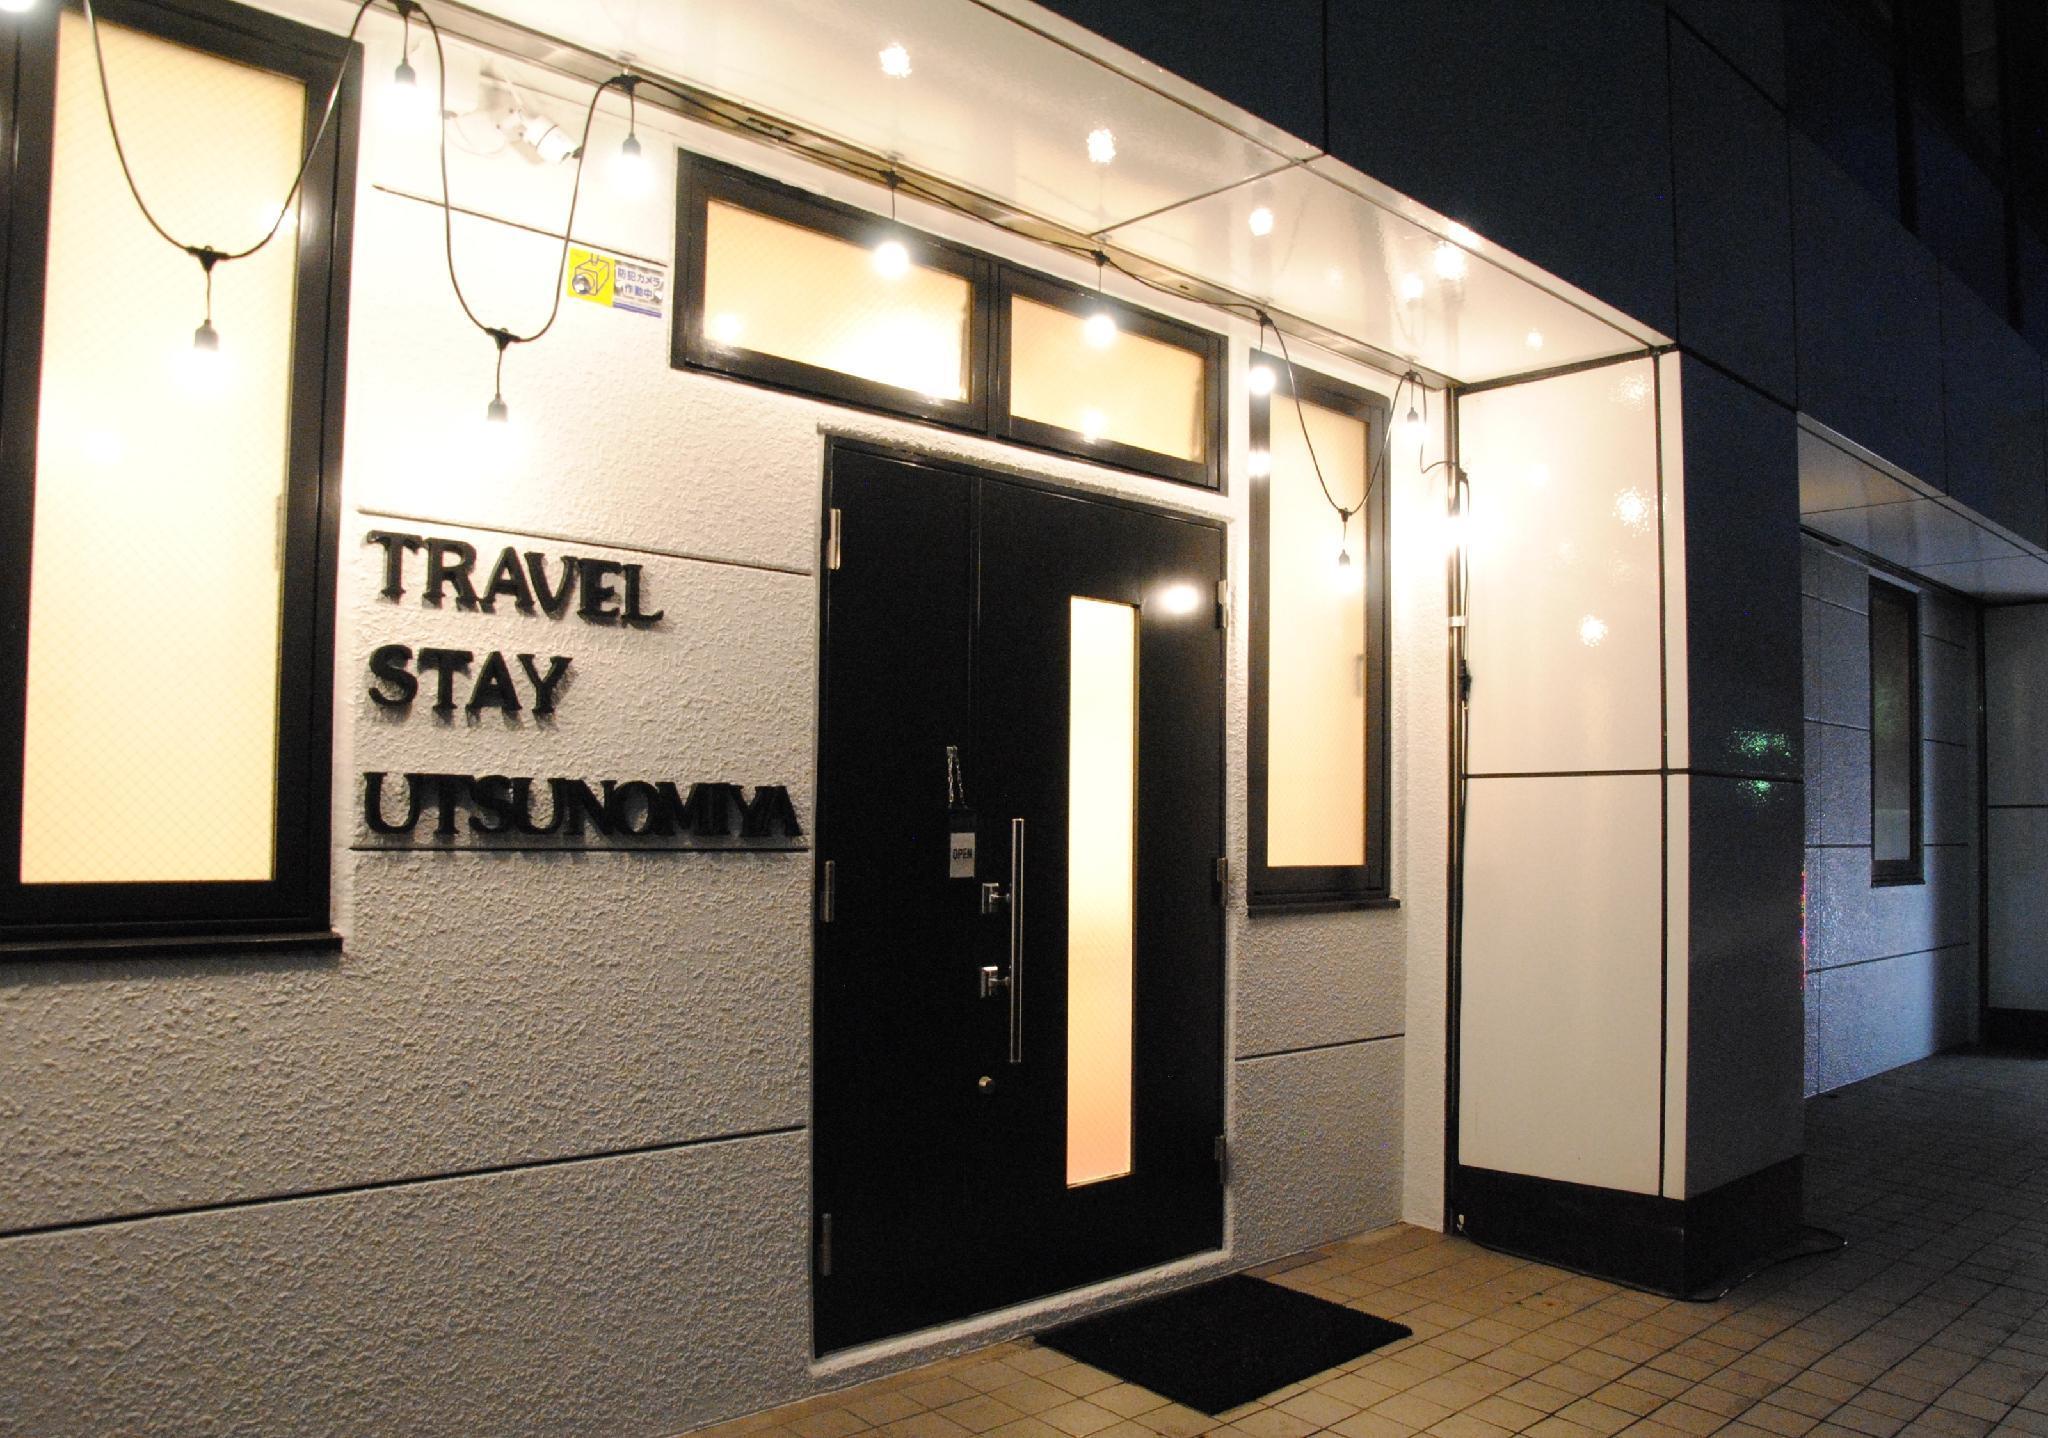 Travel Stay Utsunomiya (Female only), Utsunomiya